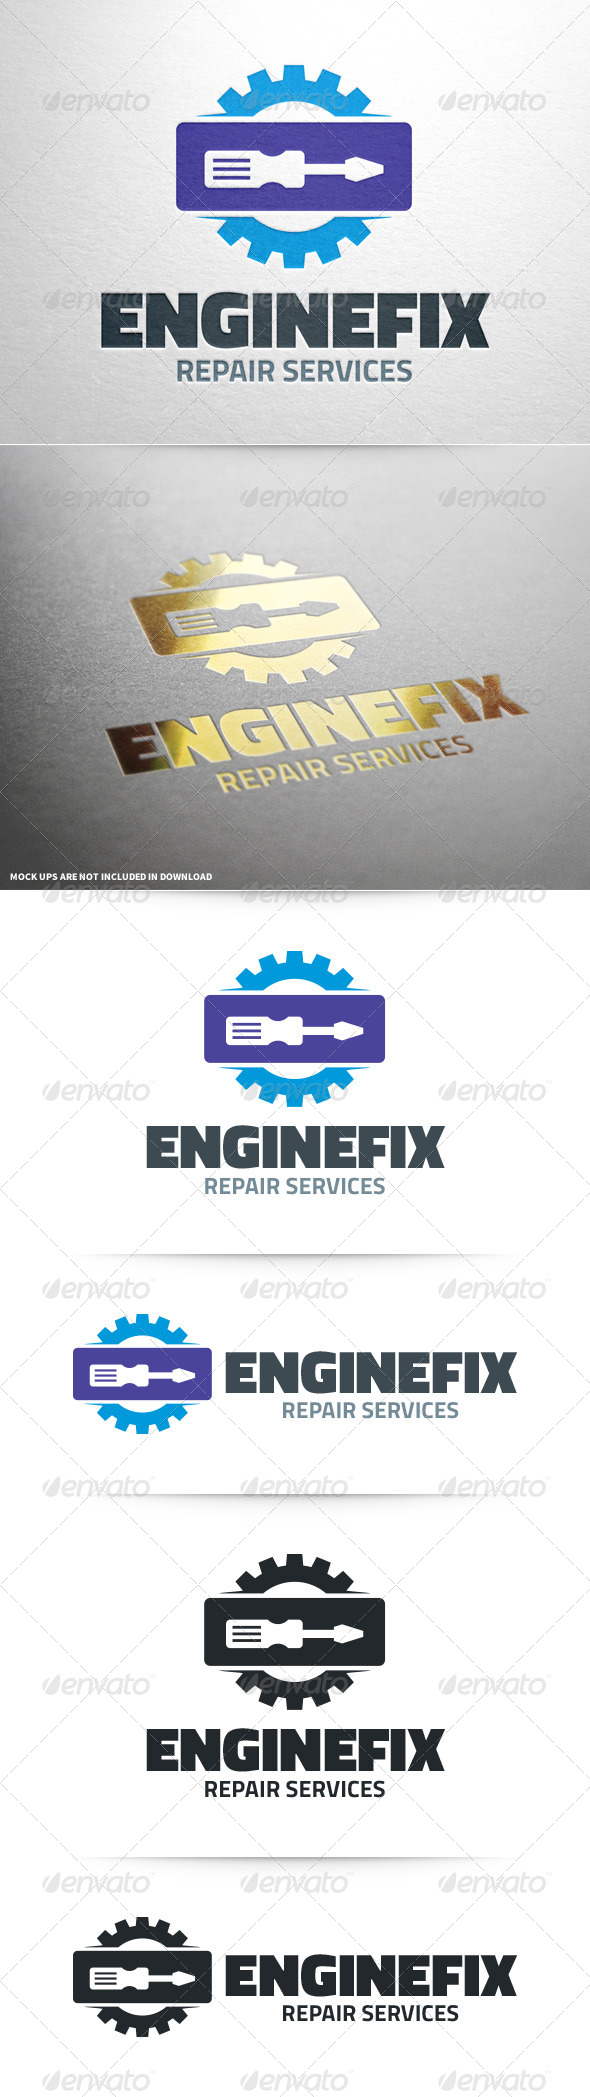 GraphicRiver Engine Fix Logo Template 8567218